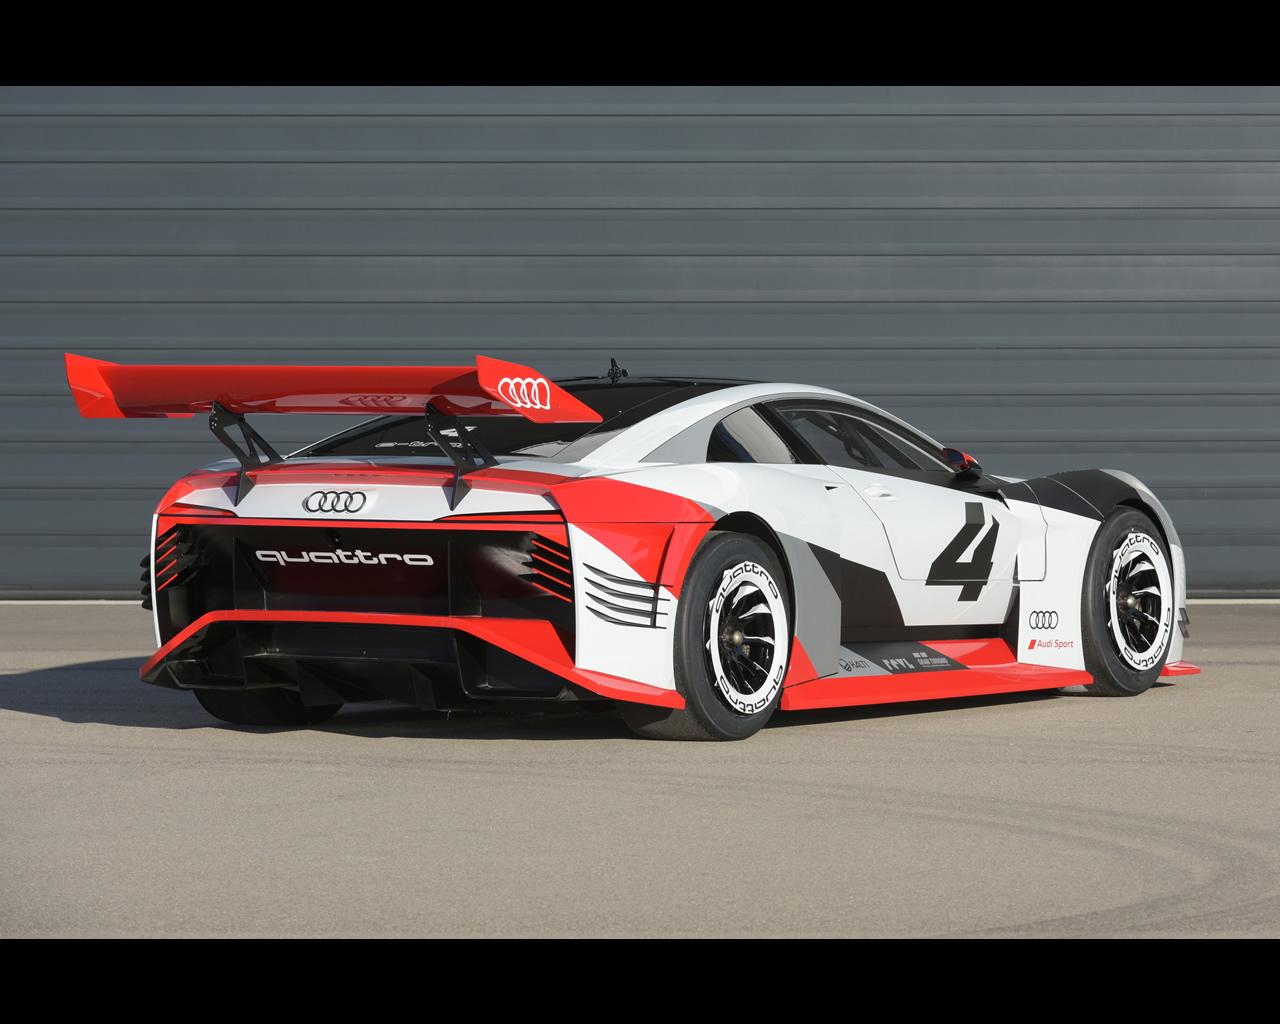 Audi e-Tron Vision Gran Turismo Electric Concept 2018